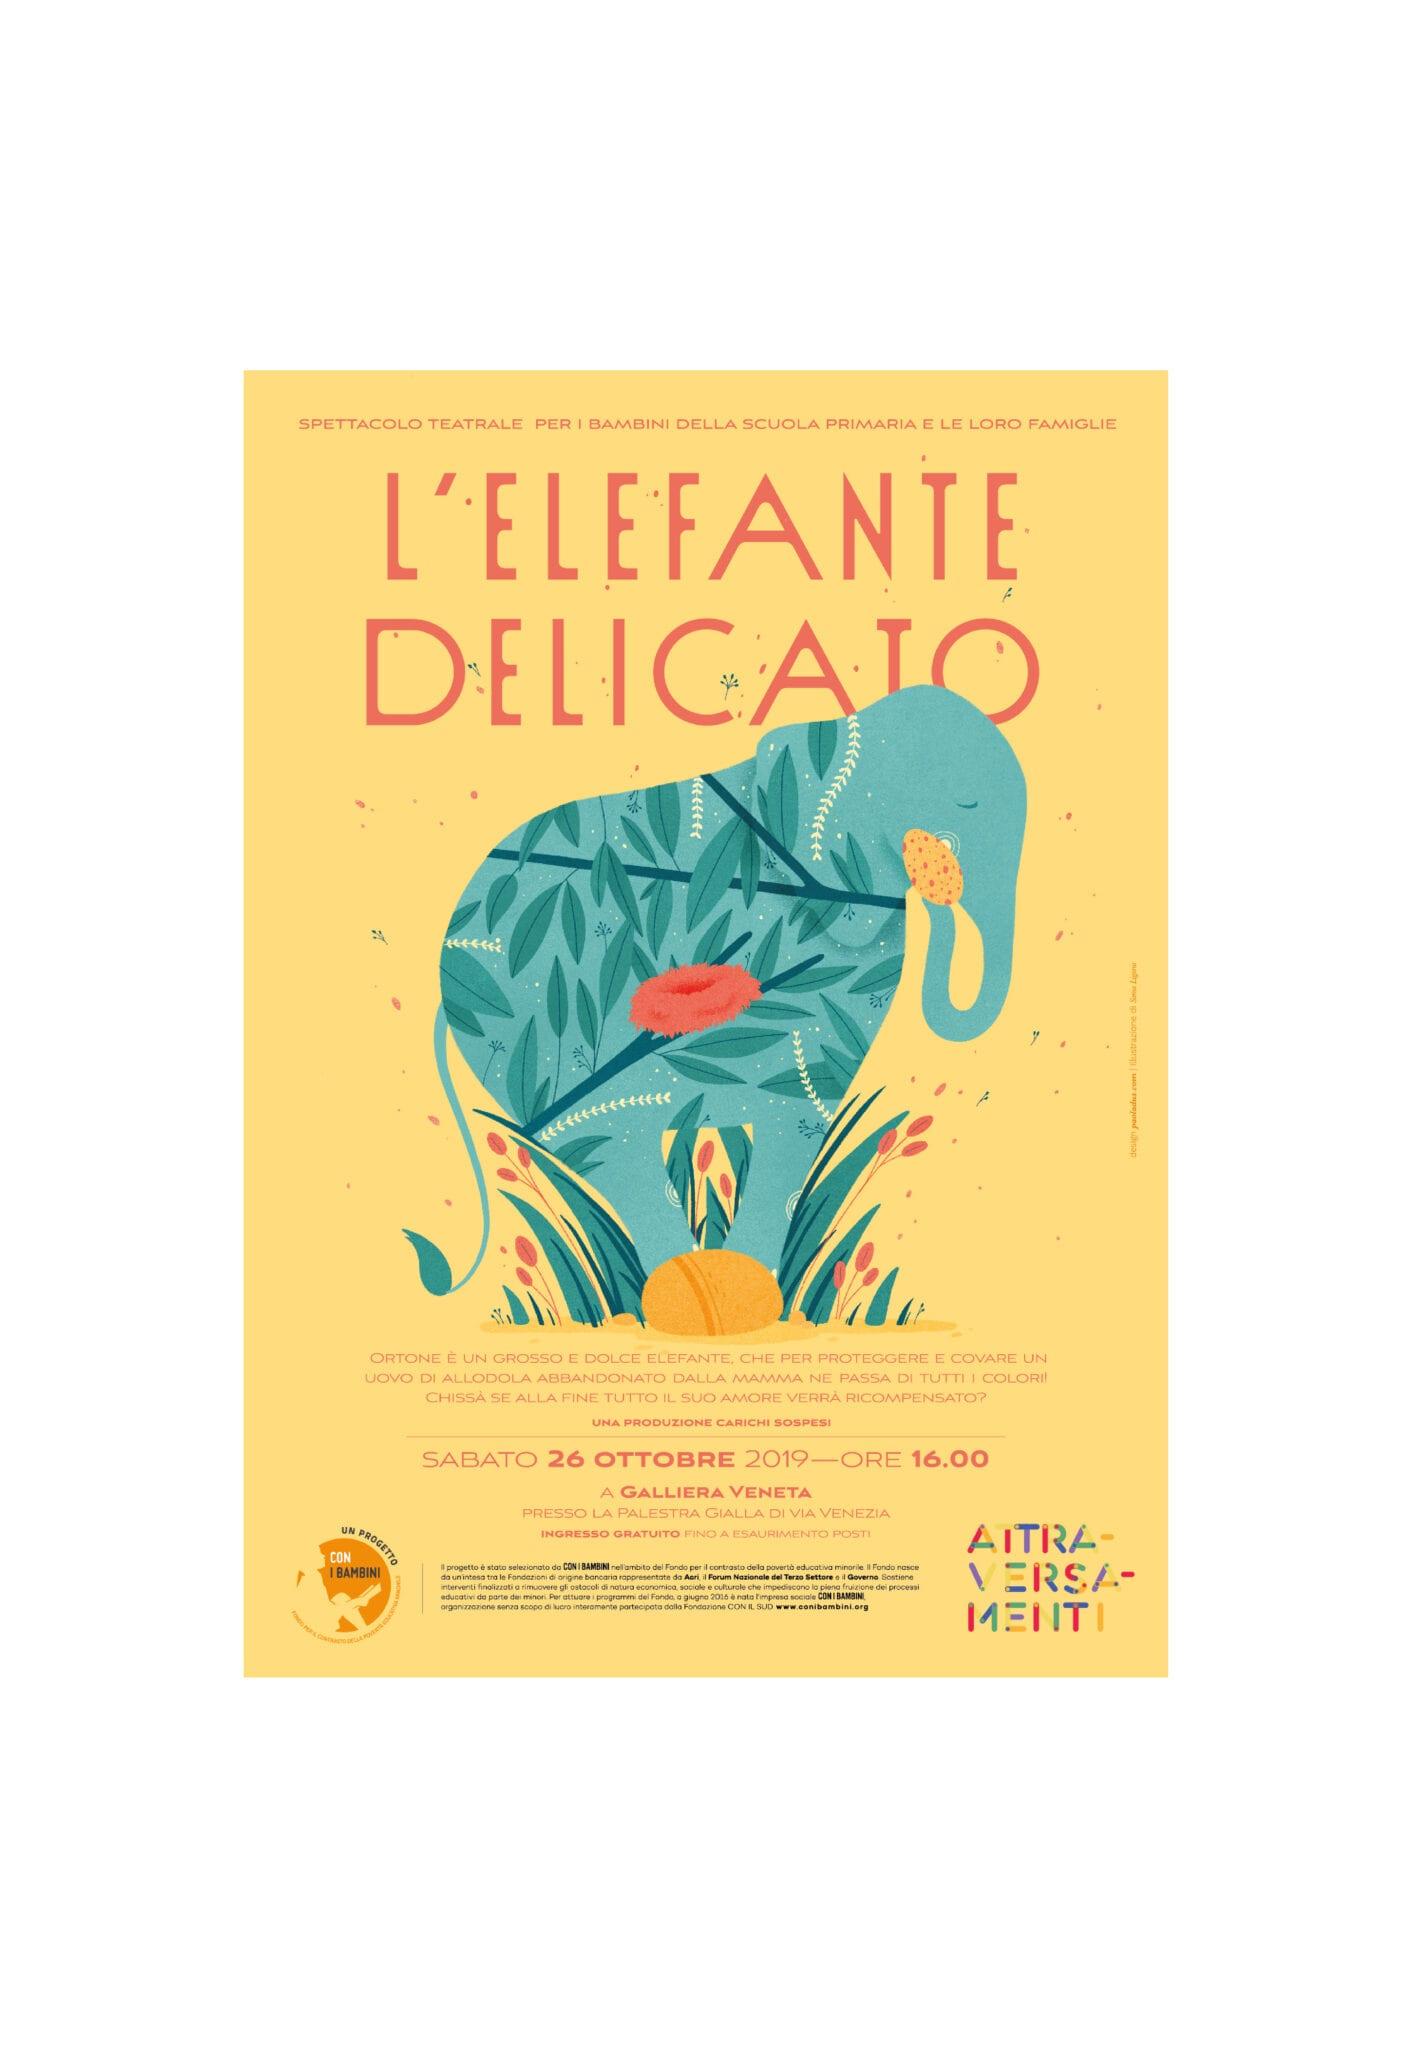 Elefante delicato-locandina gialla